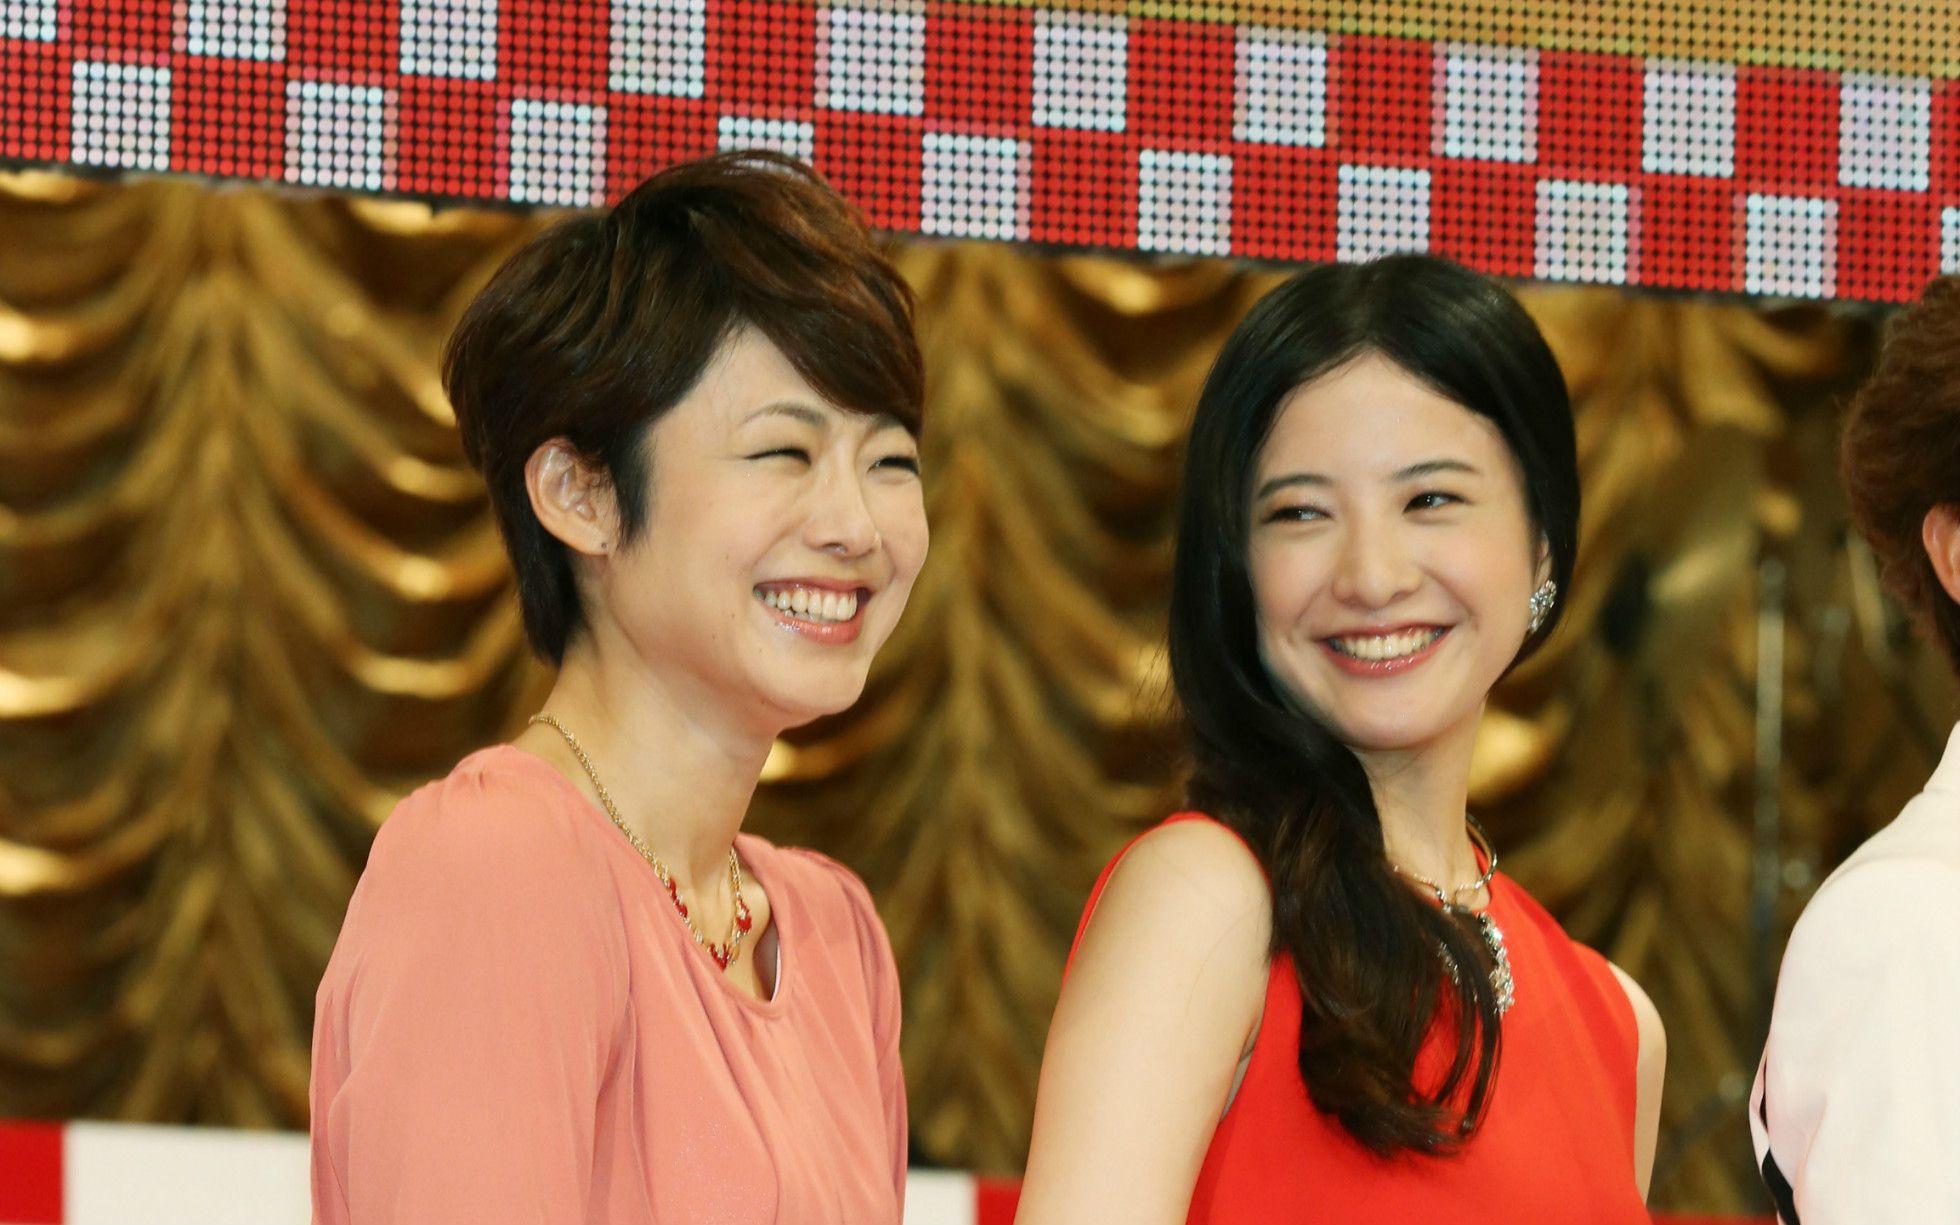 紅白司会の常連でもある。第65回NHK紅白歌合戦にて ©時事通信社